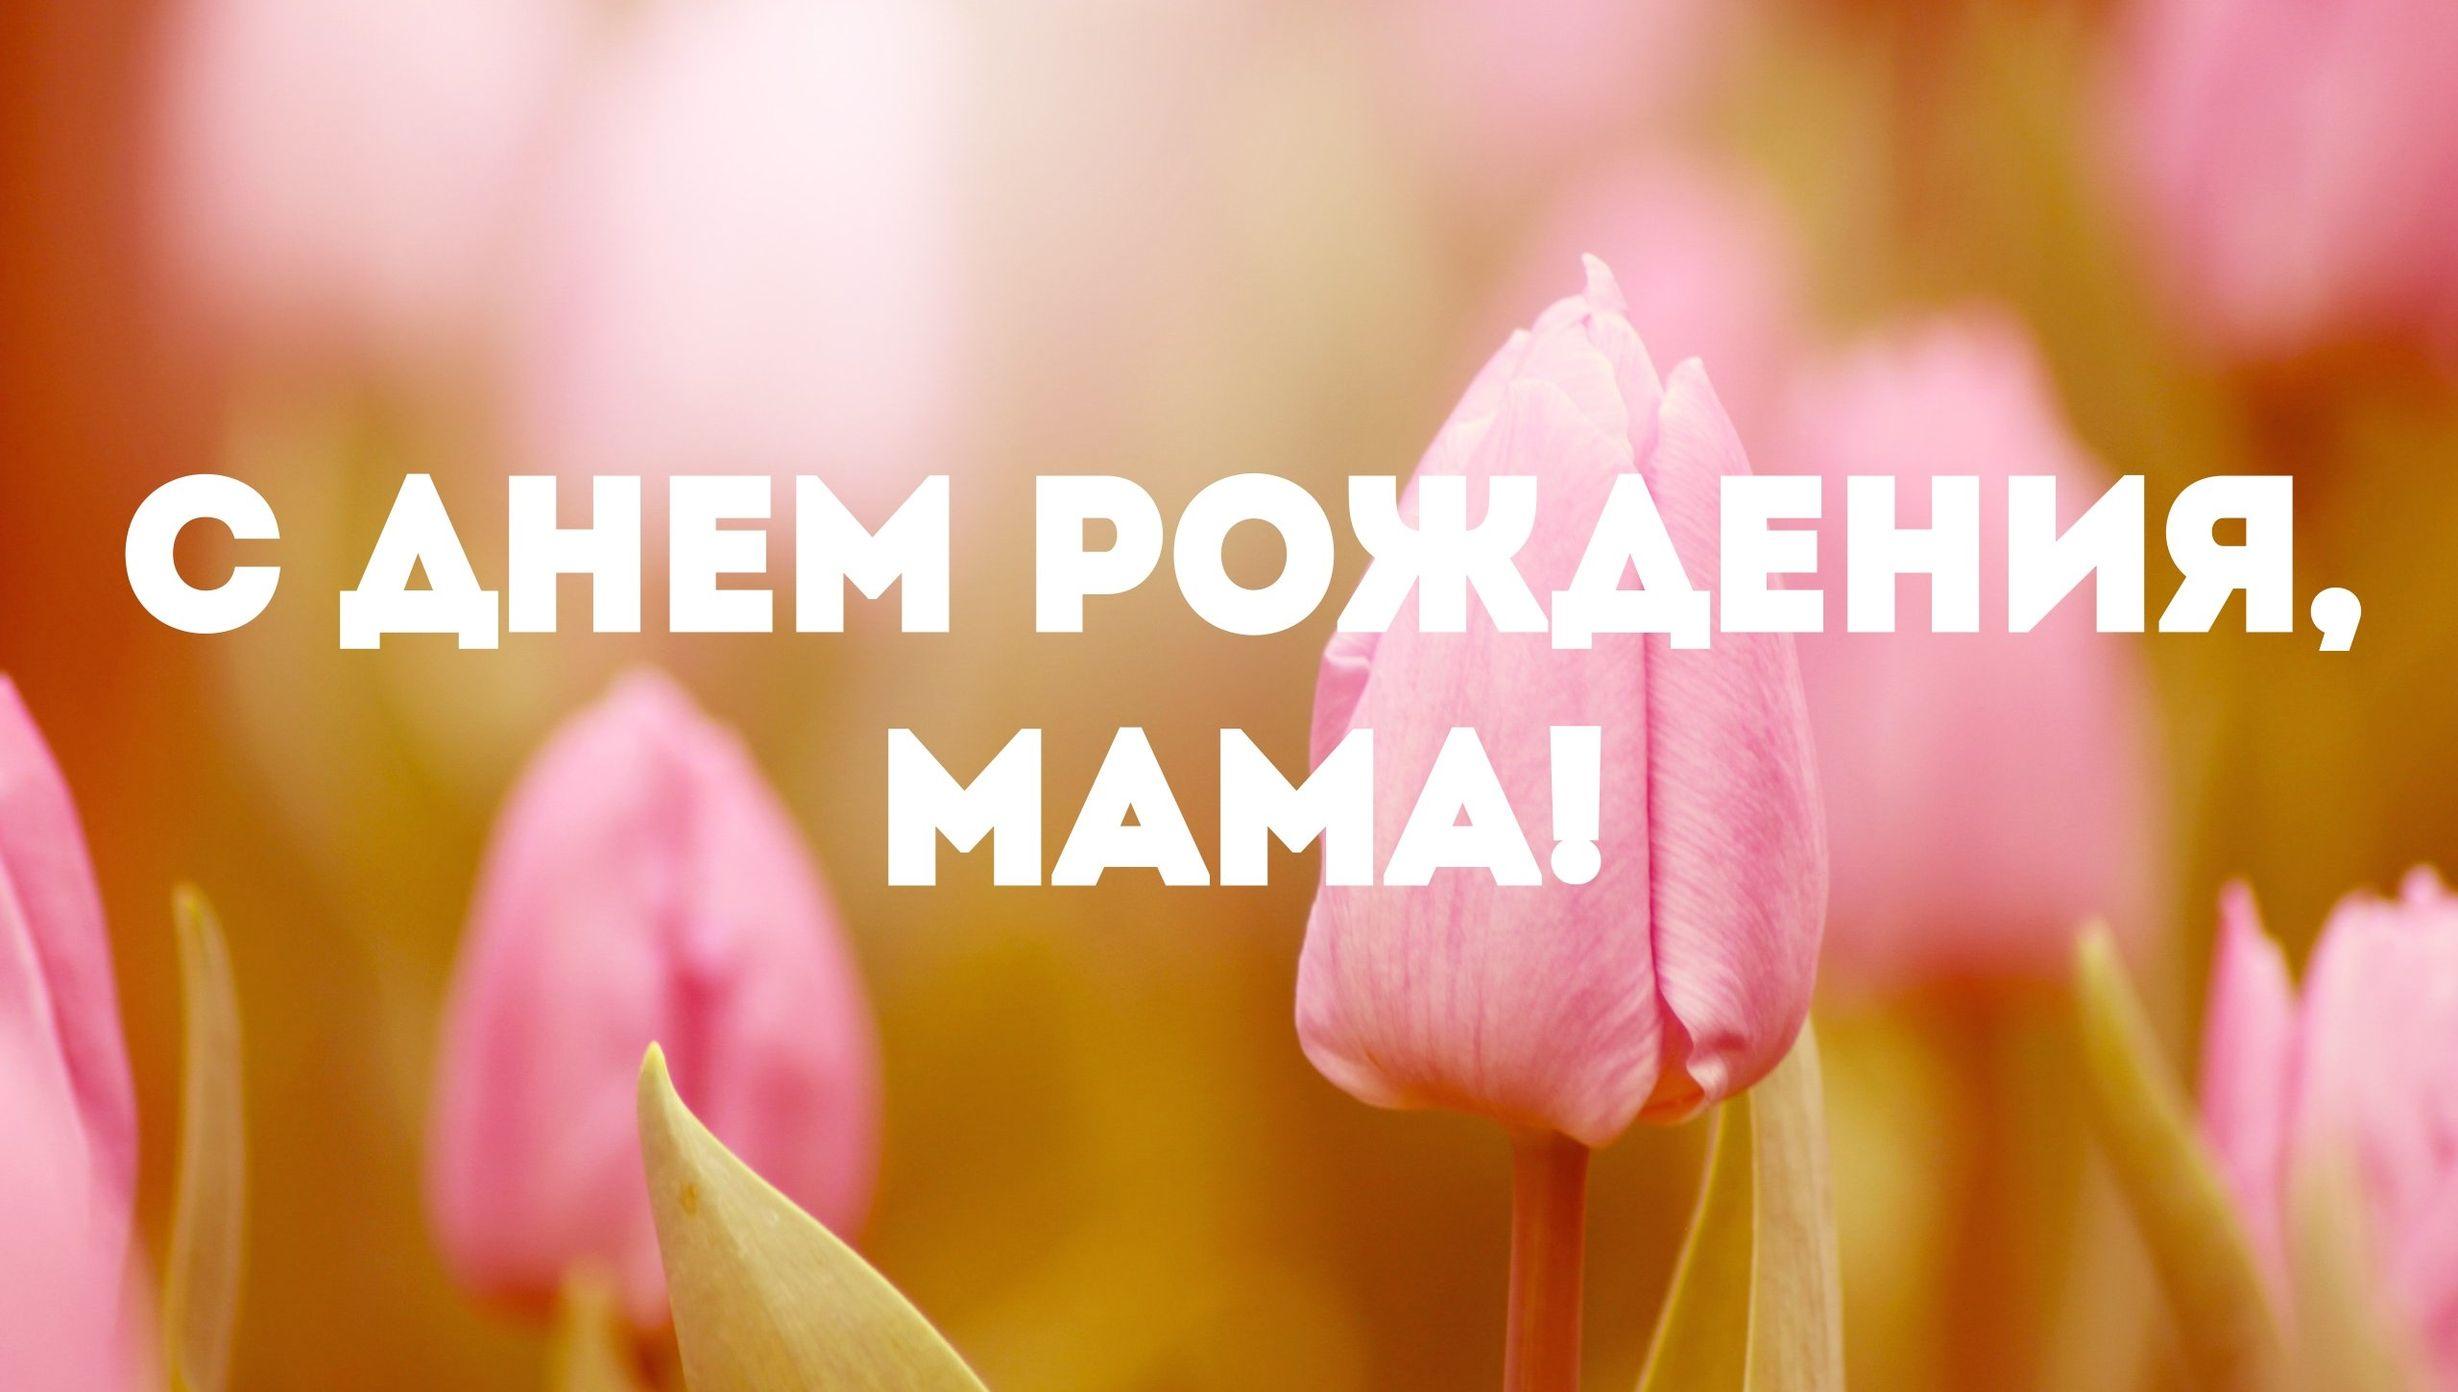 Аудио поздравления с днем рождения мамы